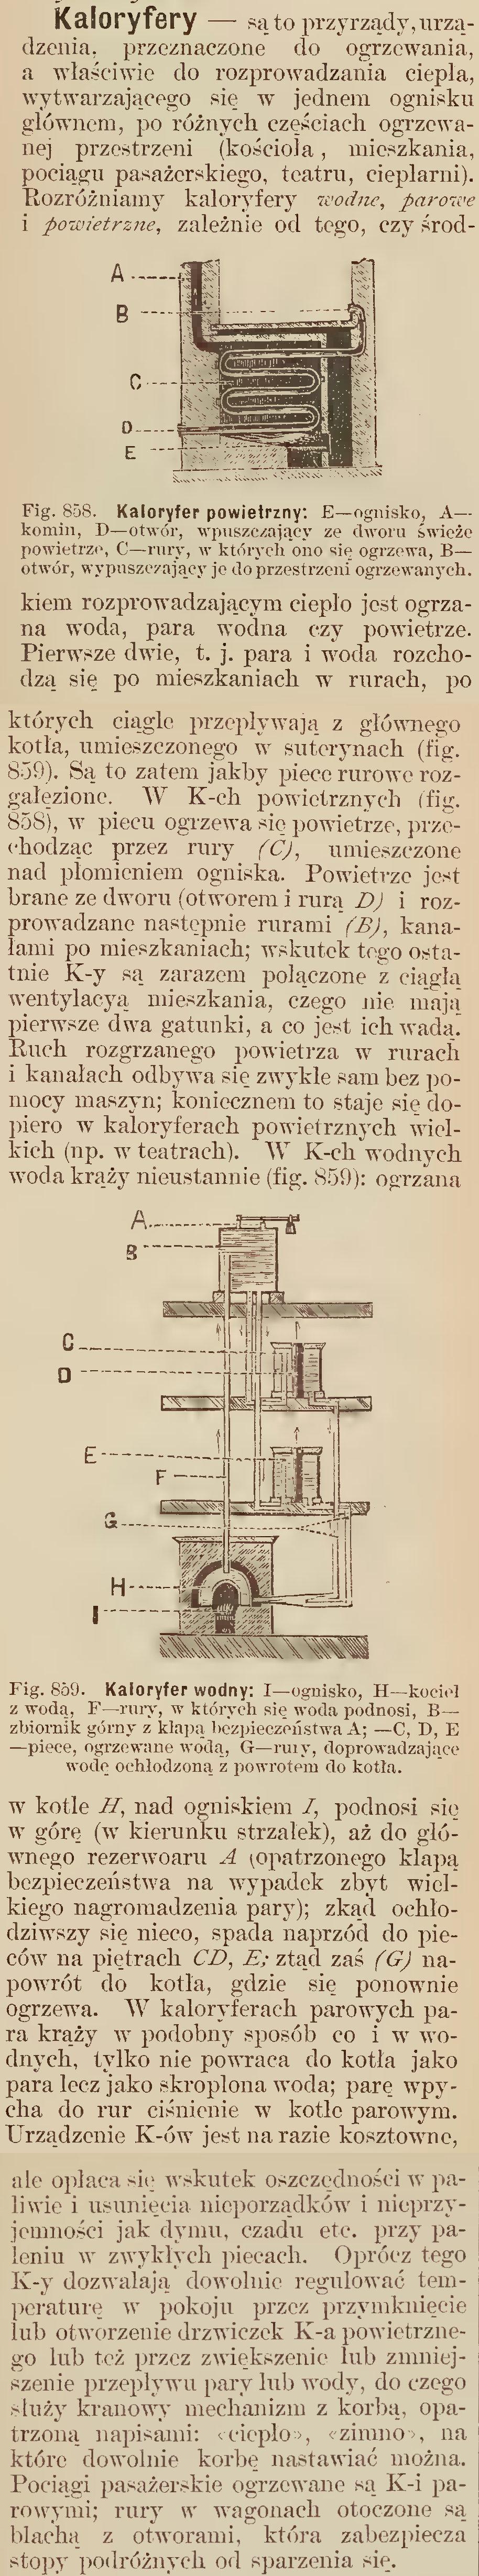 kaloryfery